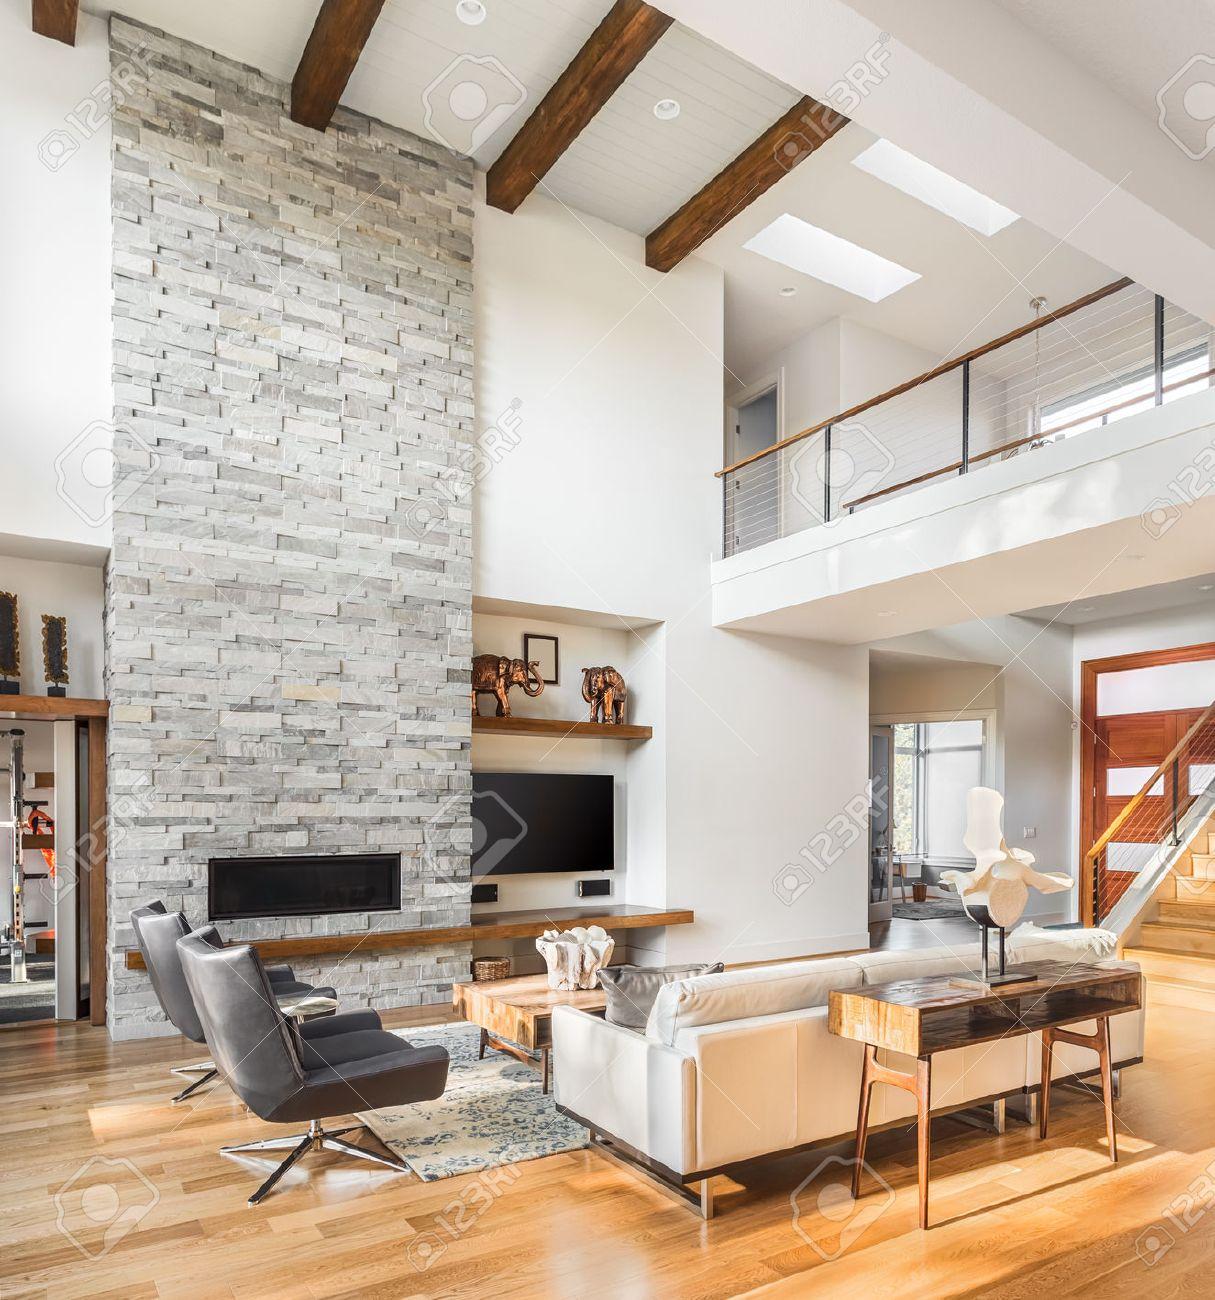 Salon Interieur Avec Parquet Et Cheminee Dans La Nouvelle Maison De